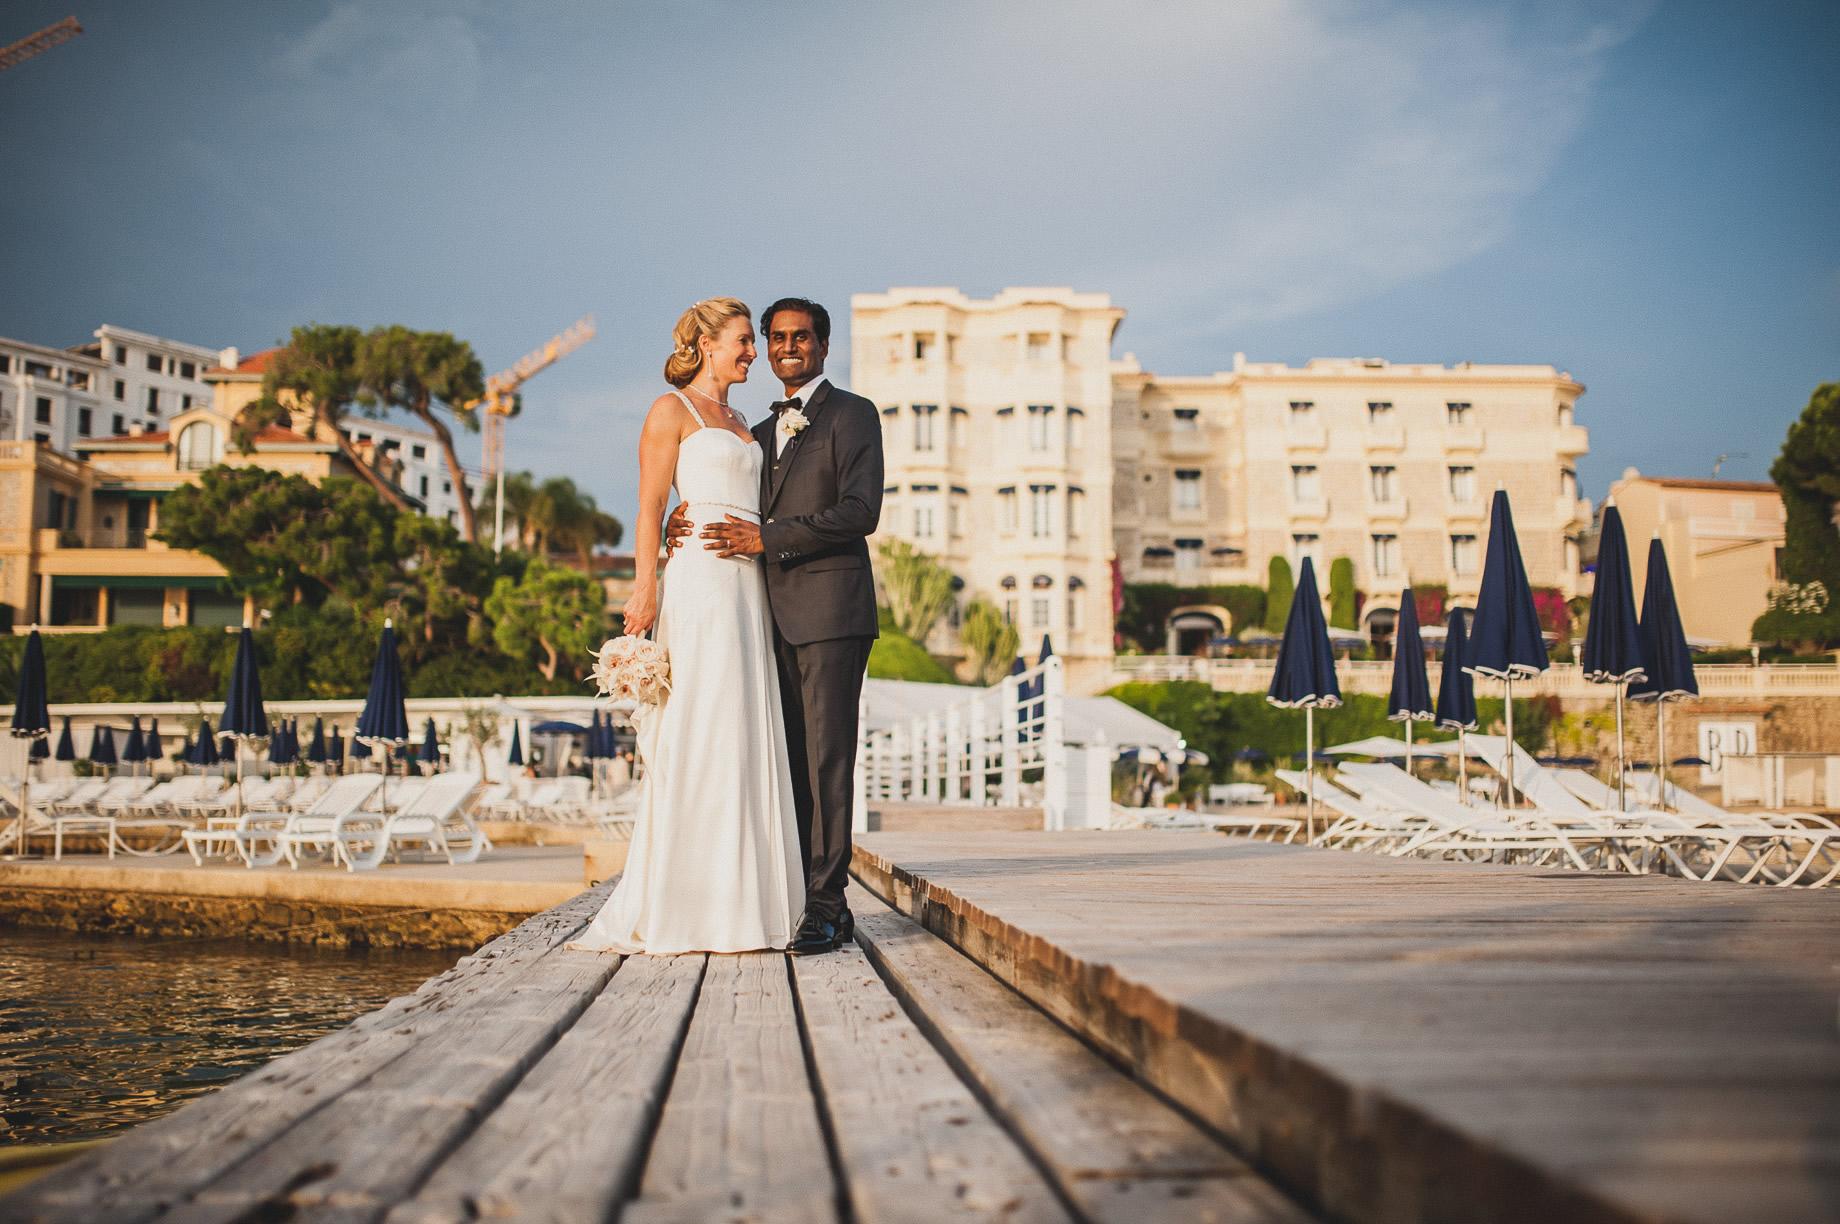 Jen and Priyan's Wedding at Hotel Belles Rives 137